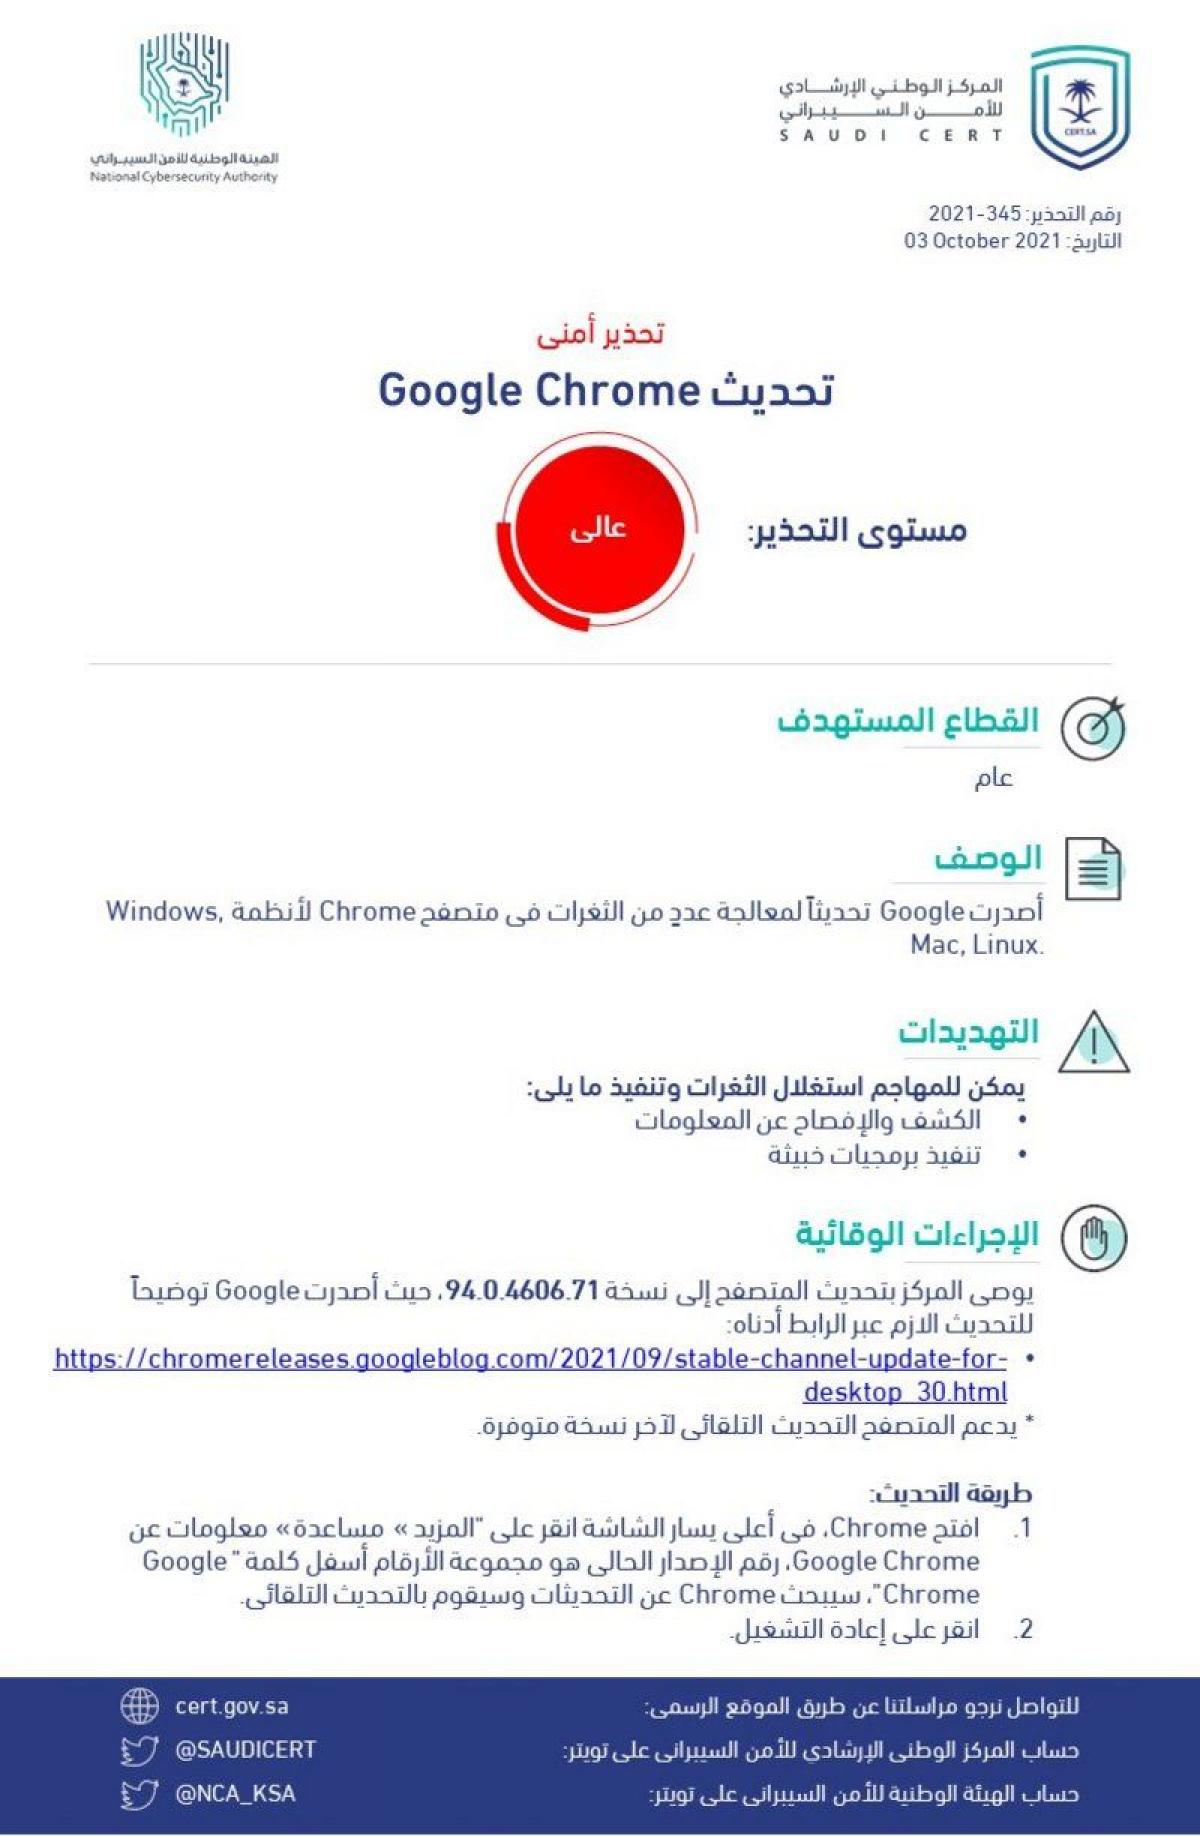 """""""الأمن السيبراني"""" يصدر تحذيرًا عالي الخطورة من تحديث بمتصفح """"جوجل"""